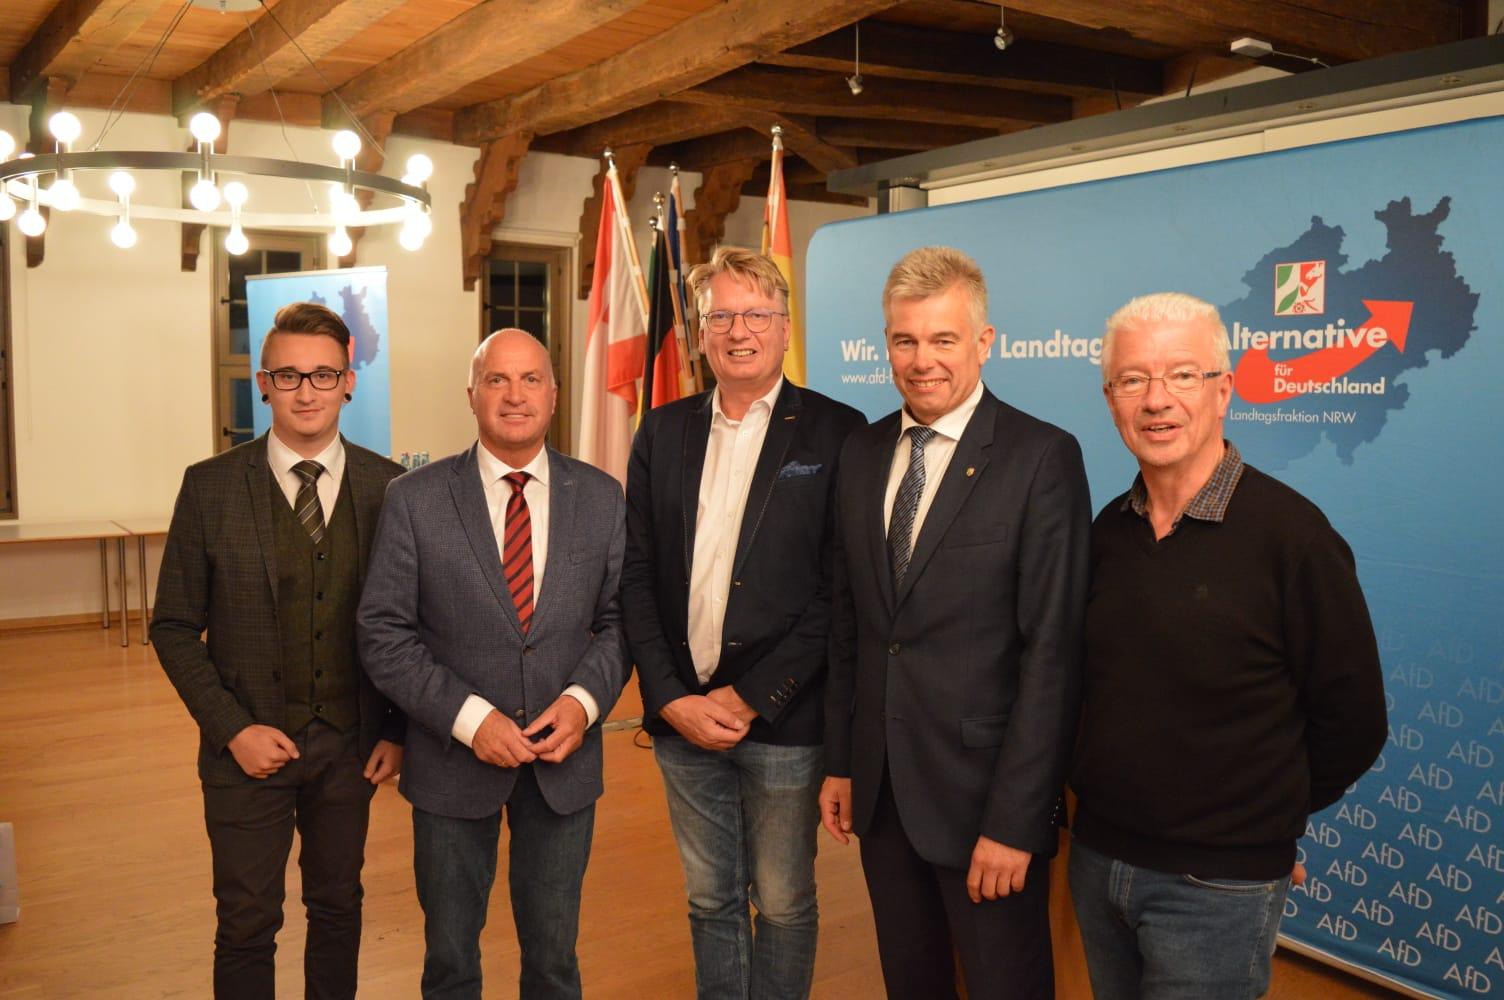 AfD Höxter blickt auf interessanten Bürgerdialog im Rathaus zurück